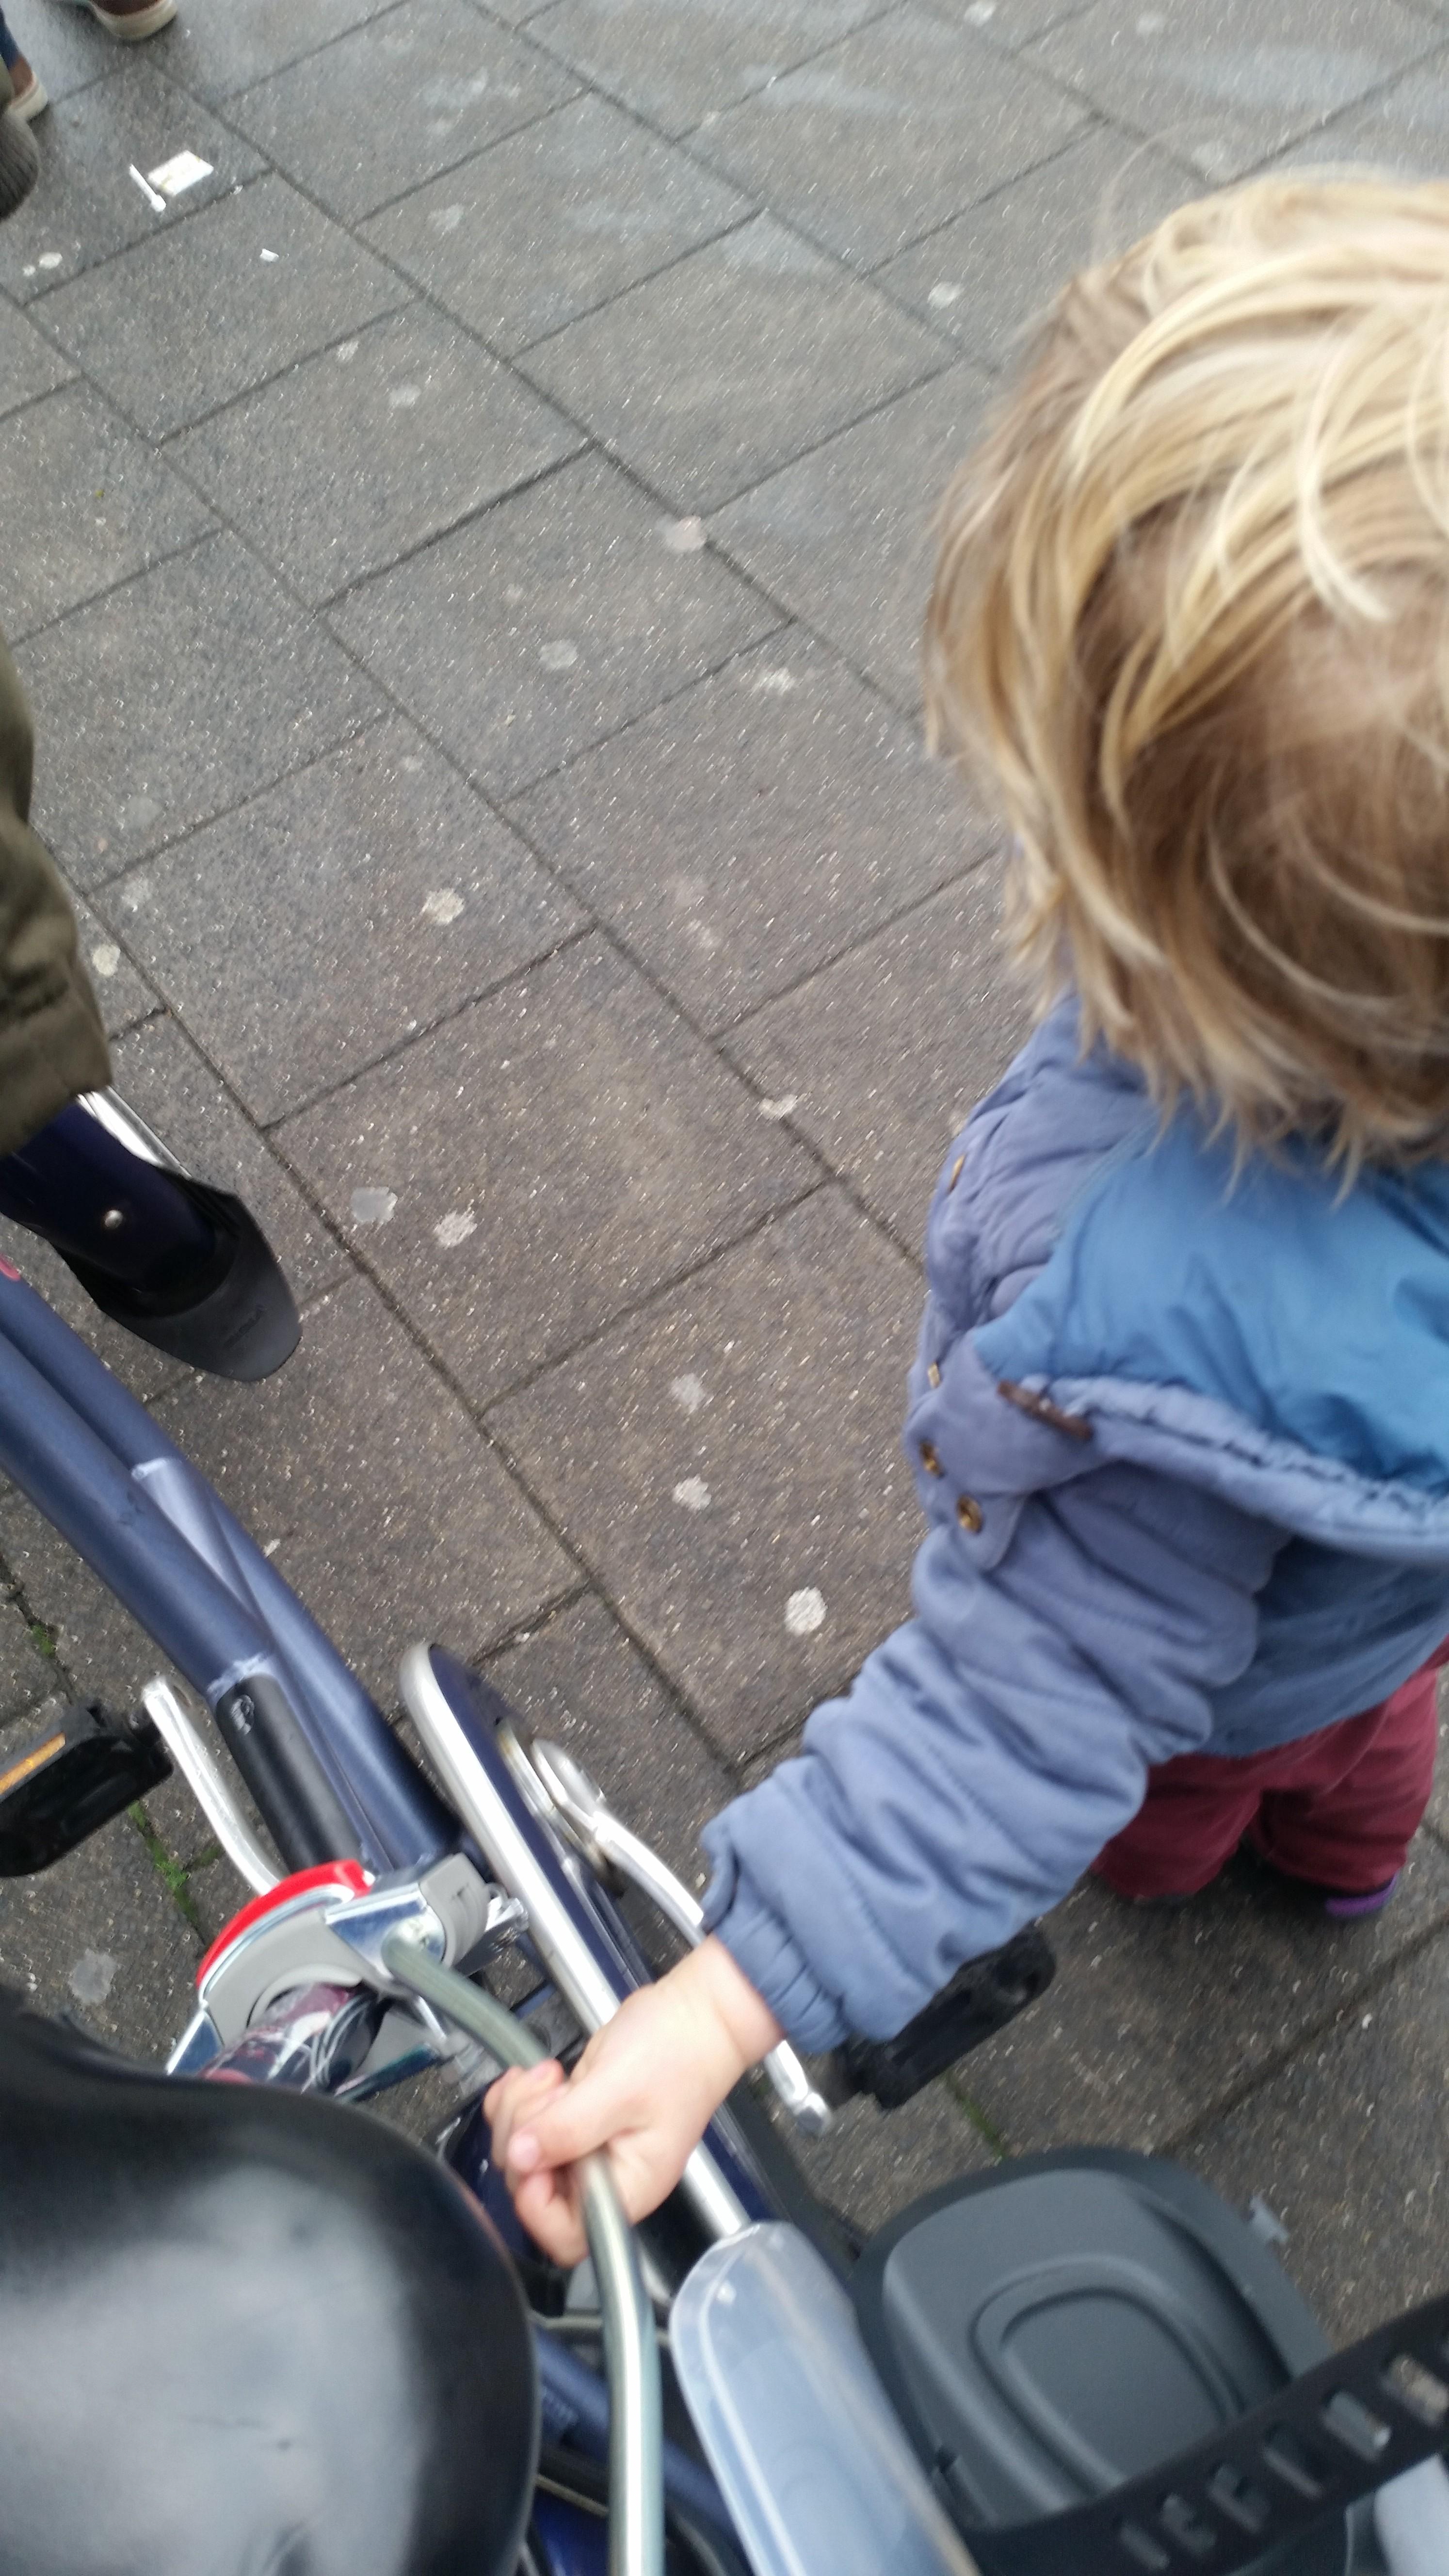 4-16-fiets-kinderwagen-onderweg-veilig-tips-tricks-ervaring-handig-jongens-meisjes-nanny-moeder-opvoeding